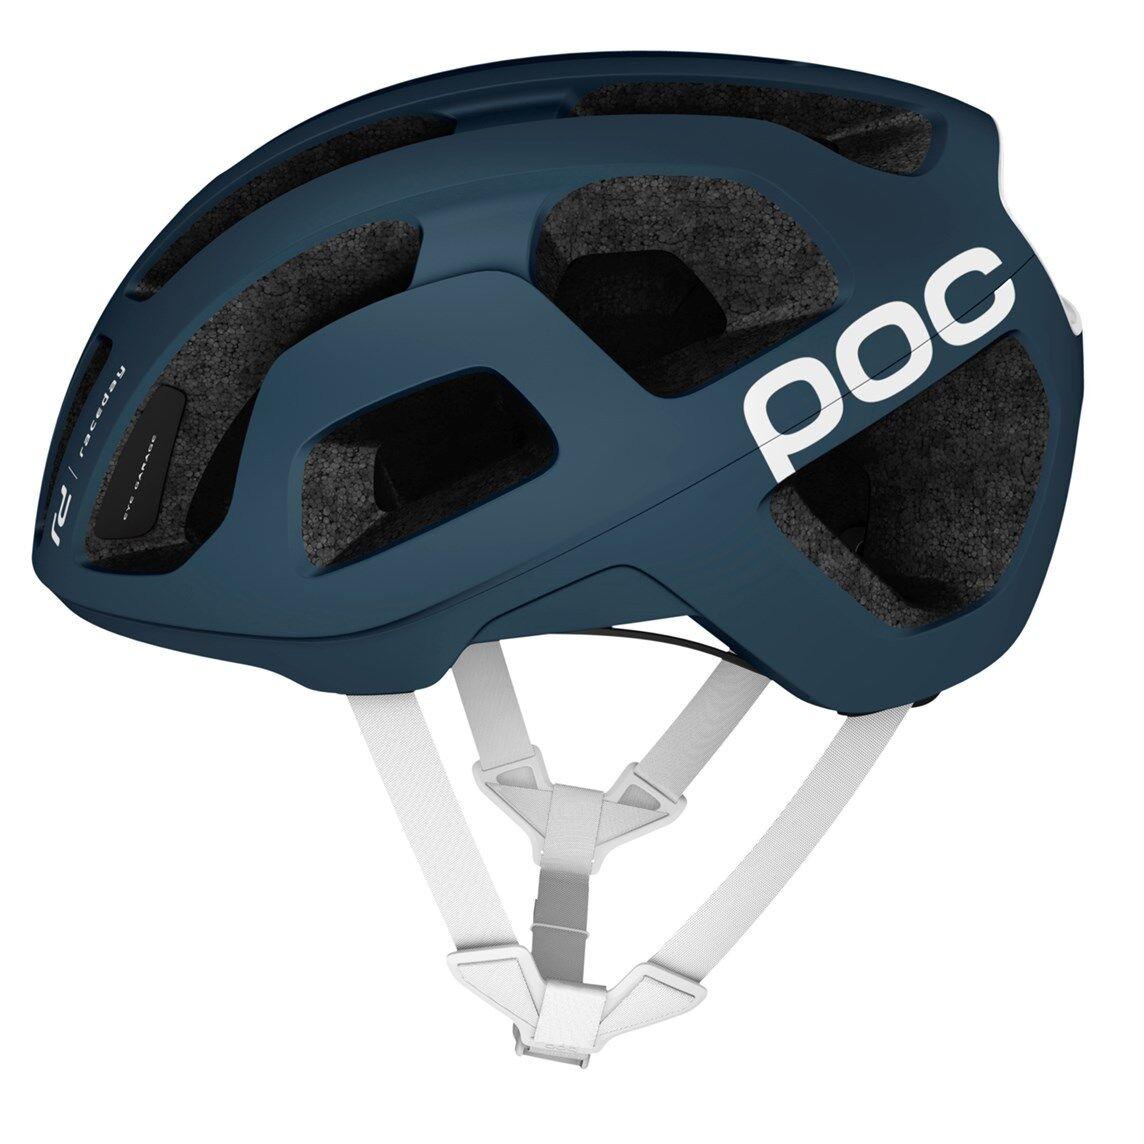 POC Octal Camino Bicicleta Casco-Azul Marino Negro, Pequeño (50-56cm)